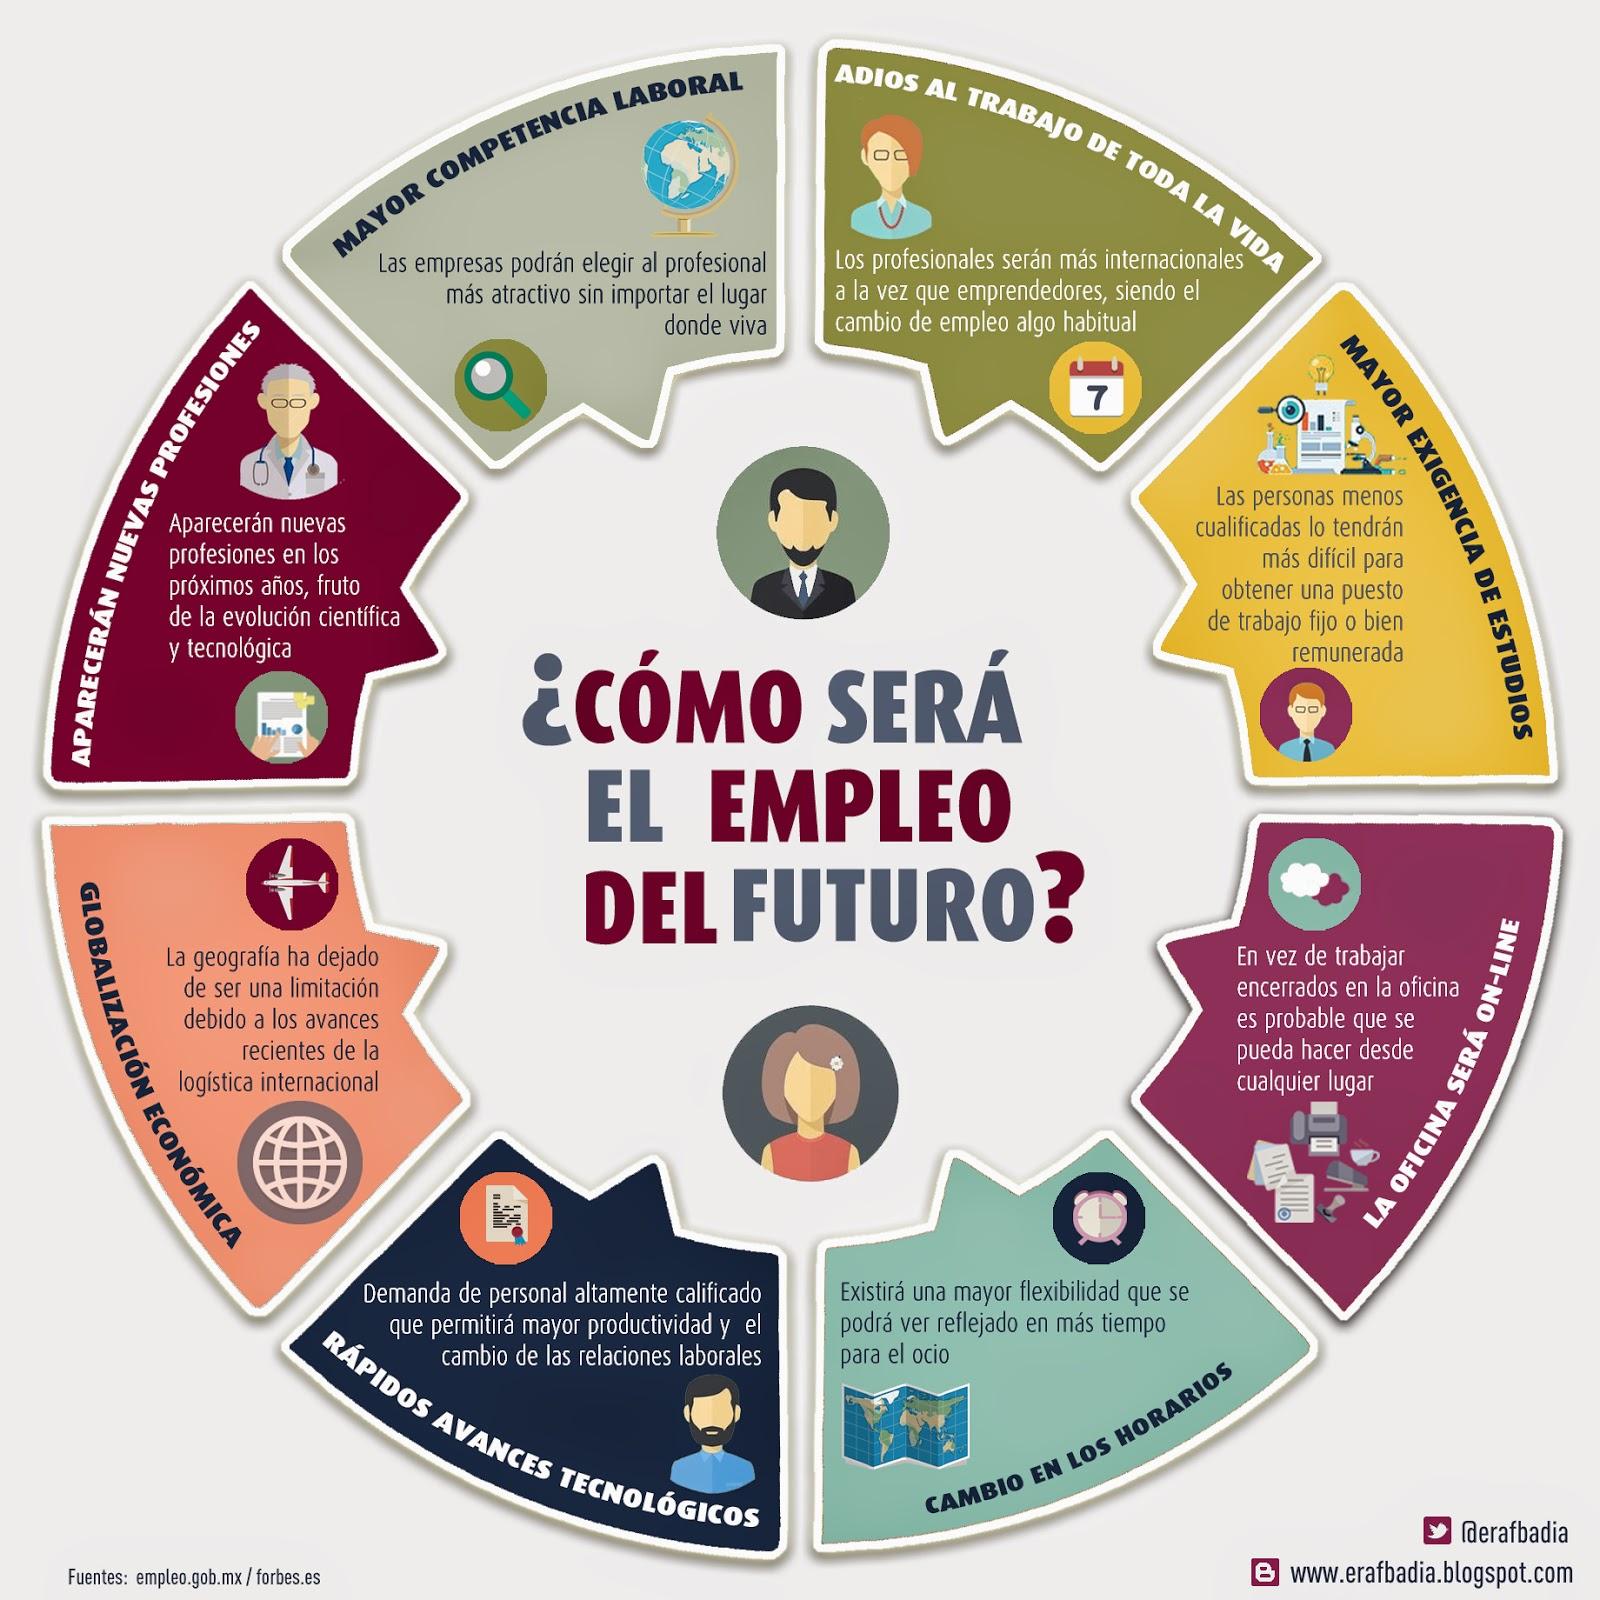 ¿Cómo será el empleo del futuro?